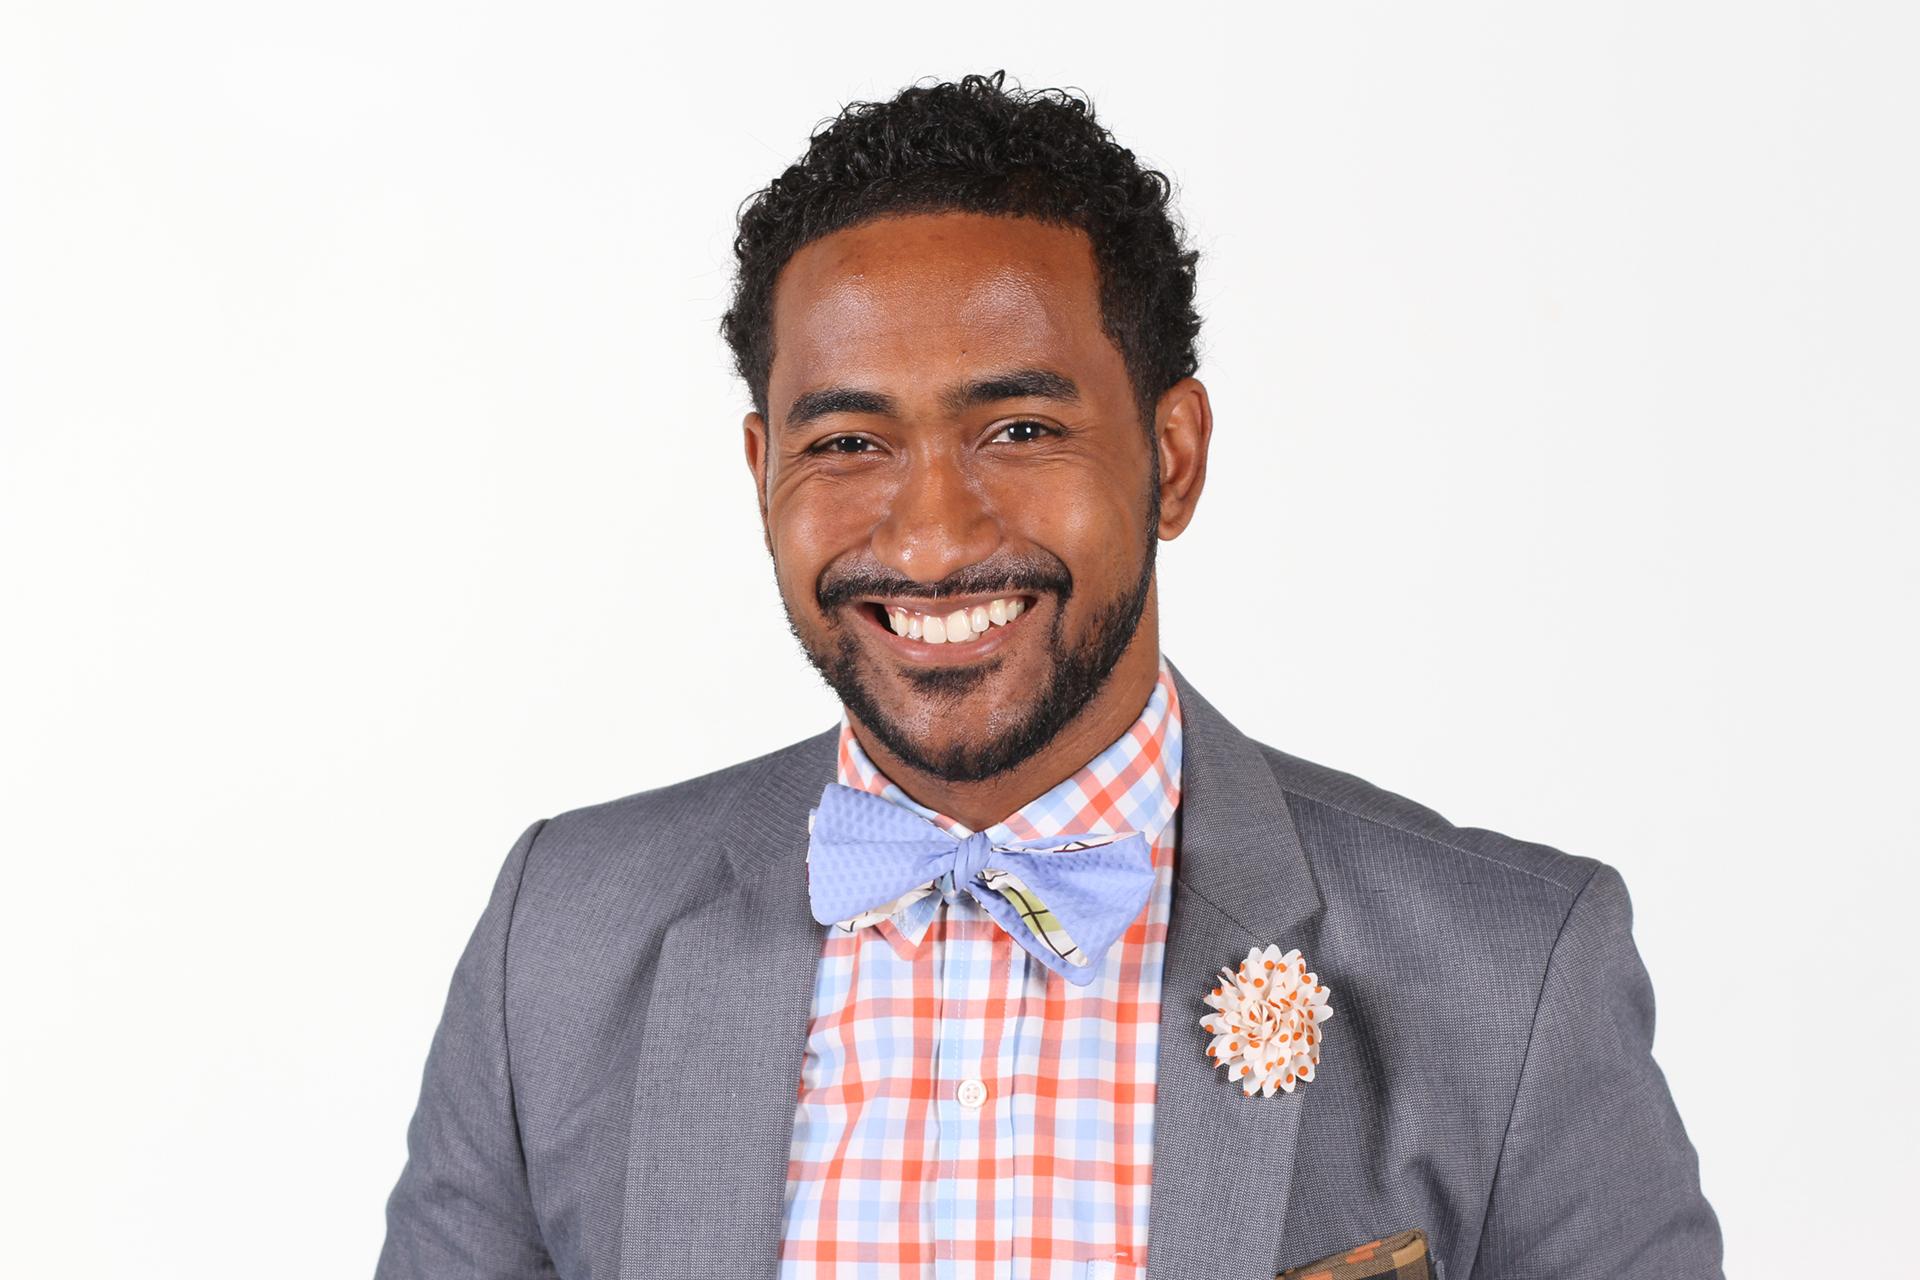 Carlos-Gray-Profile